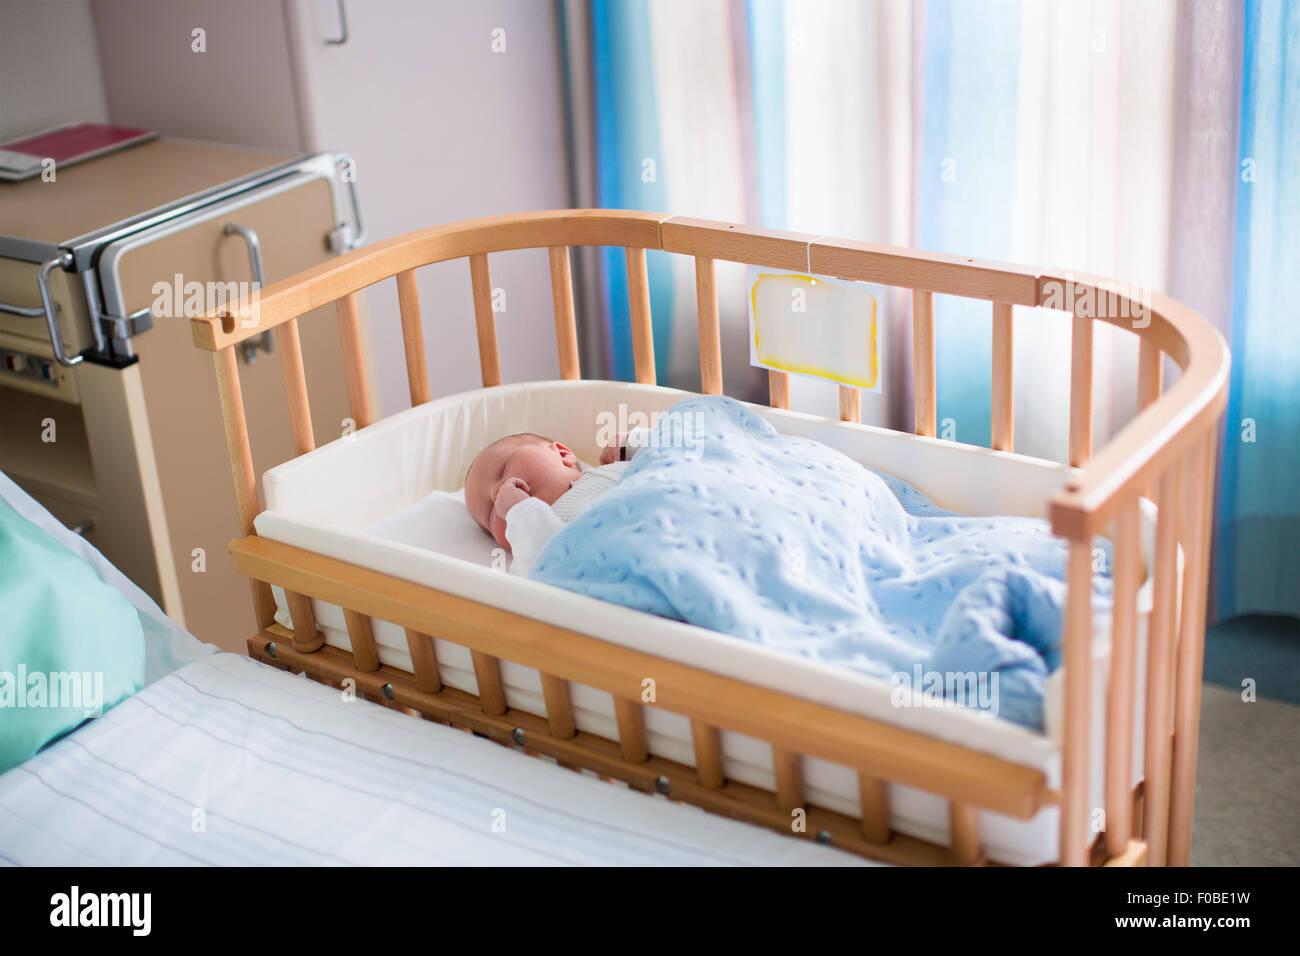 Neugeborenes baby junge im bett. neues kind geboren unter einer